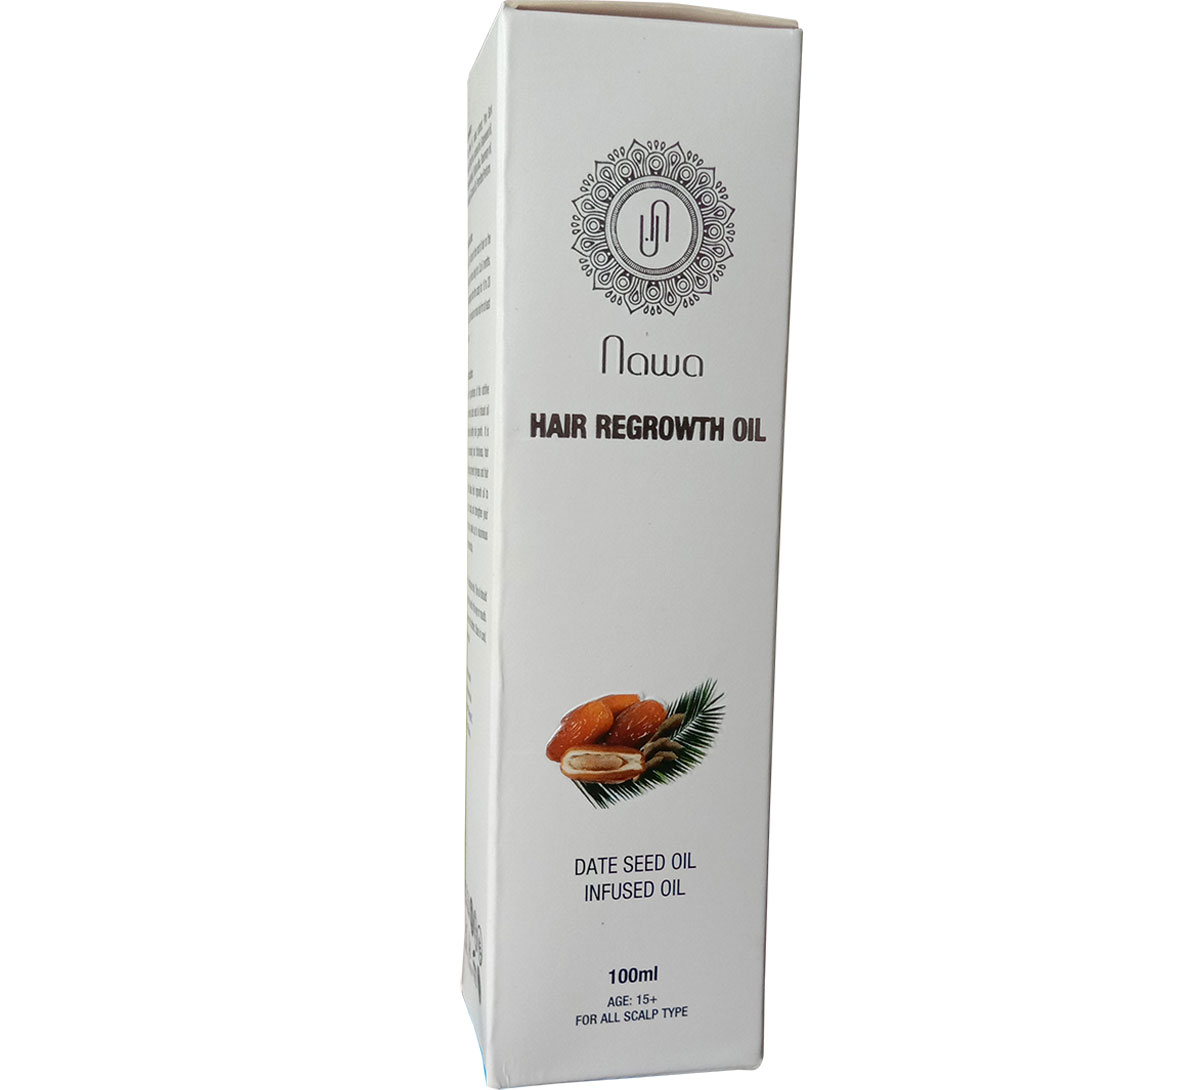 Nawa Hair Growth Oil